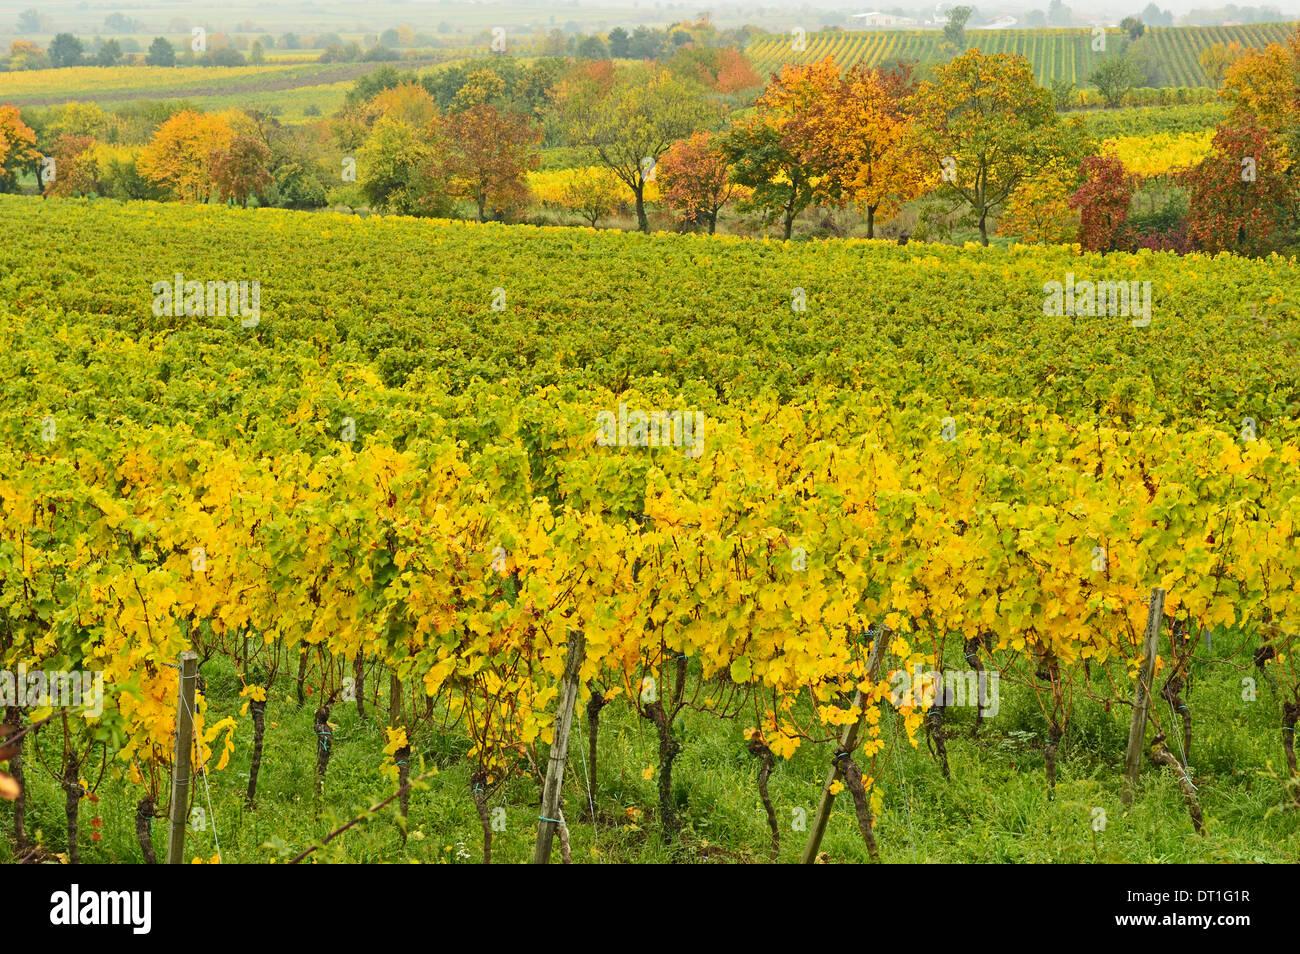 Vineyard landscape, near Neustadt, German Wine Route, Rhineland-Palatinate, Germany, Europe Stock Photo